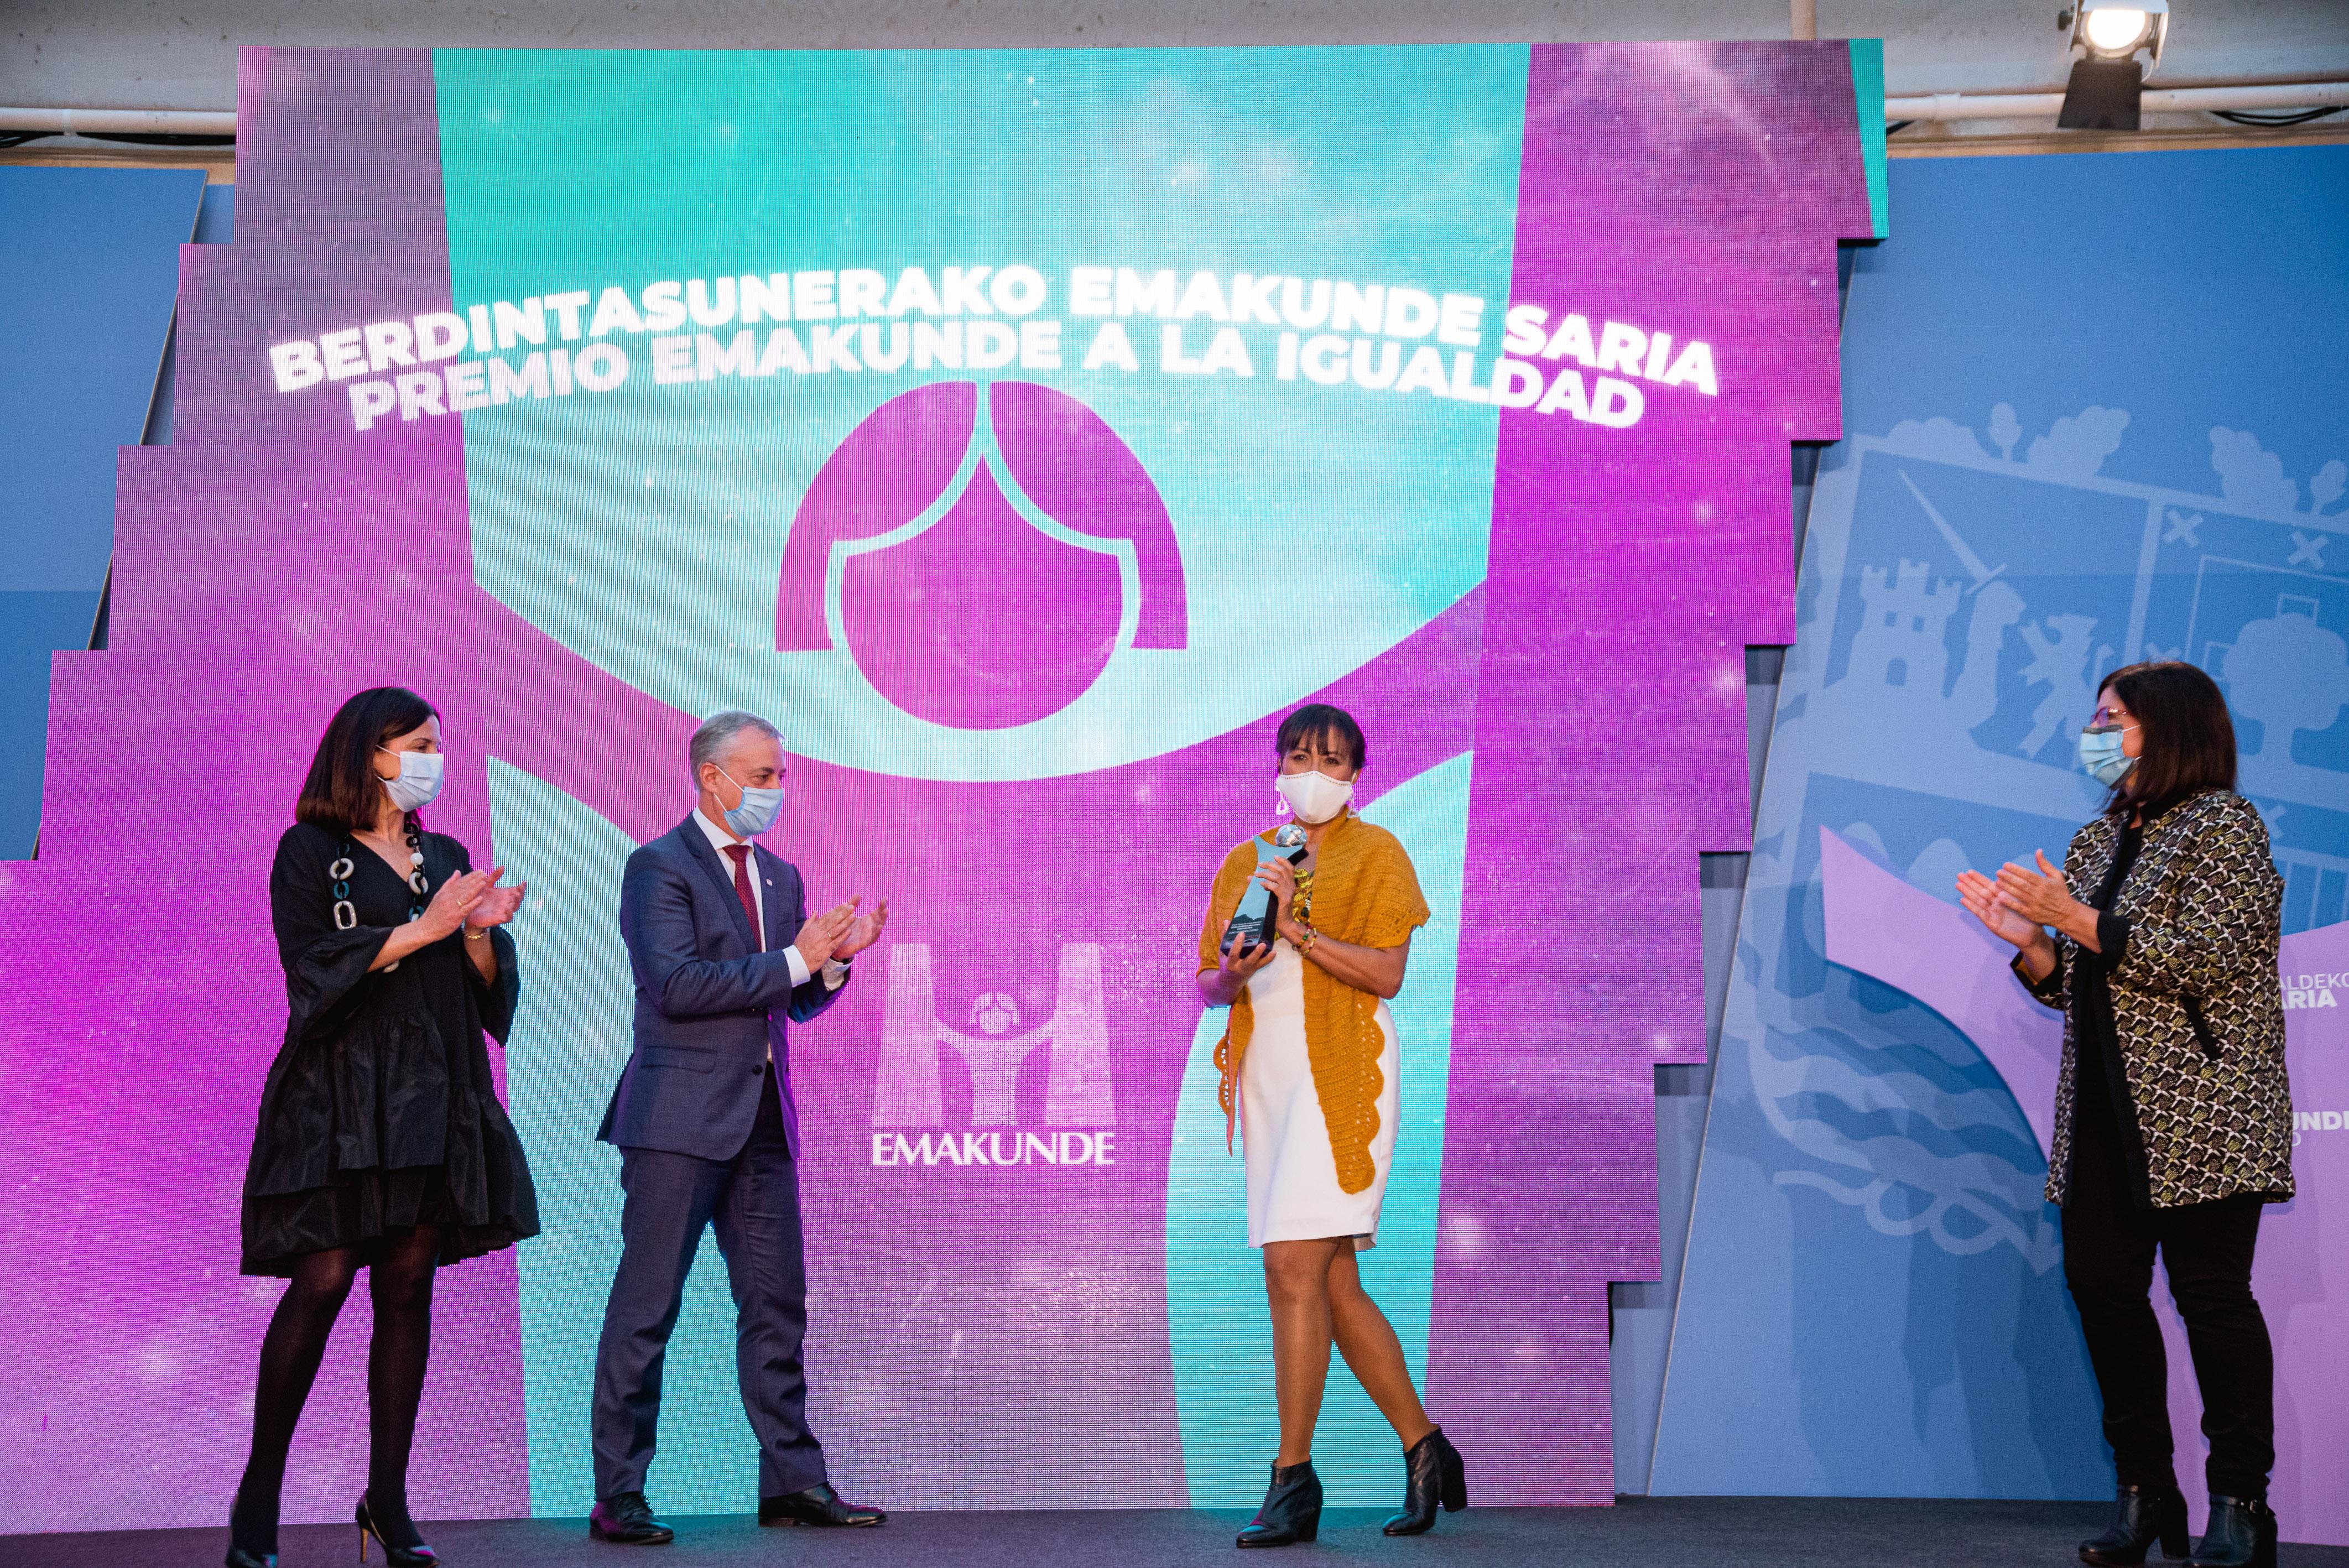 El Lehendakari entrega el Premio Emakunde a la educadora feminista Cony Carranza por su trabajo con las mujeres migradas   [0:00]